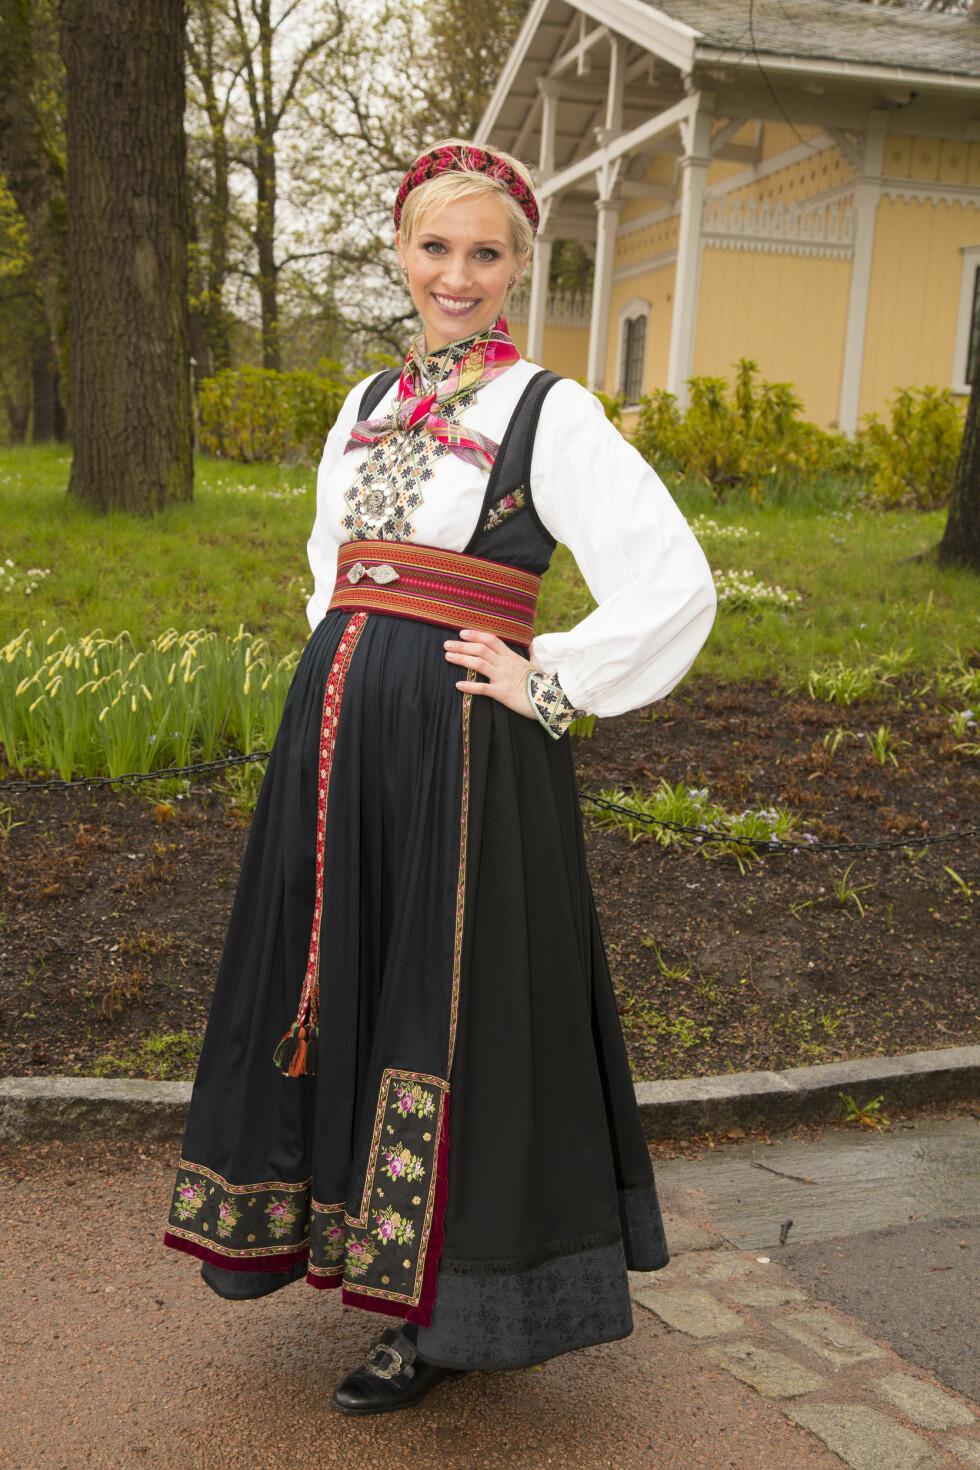 VAKKER I BUNAD: Anne Rimmen var en av NRK-profilene som loset det norske folk gjennom festlighetene på nasjonaldagen - og da bar den gravide 34-åringen en stakk fra Telemark. Foto: Morten Eik / Se og Hør